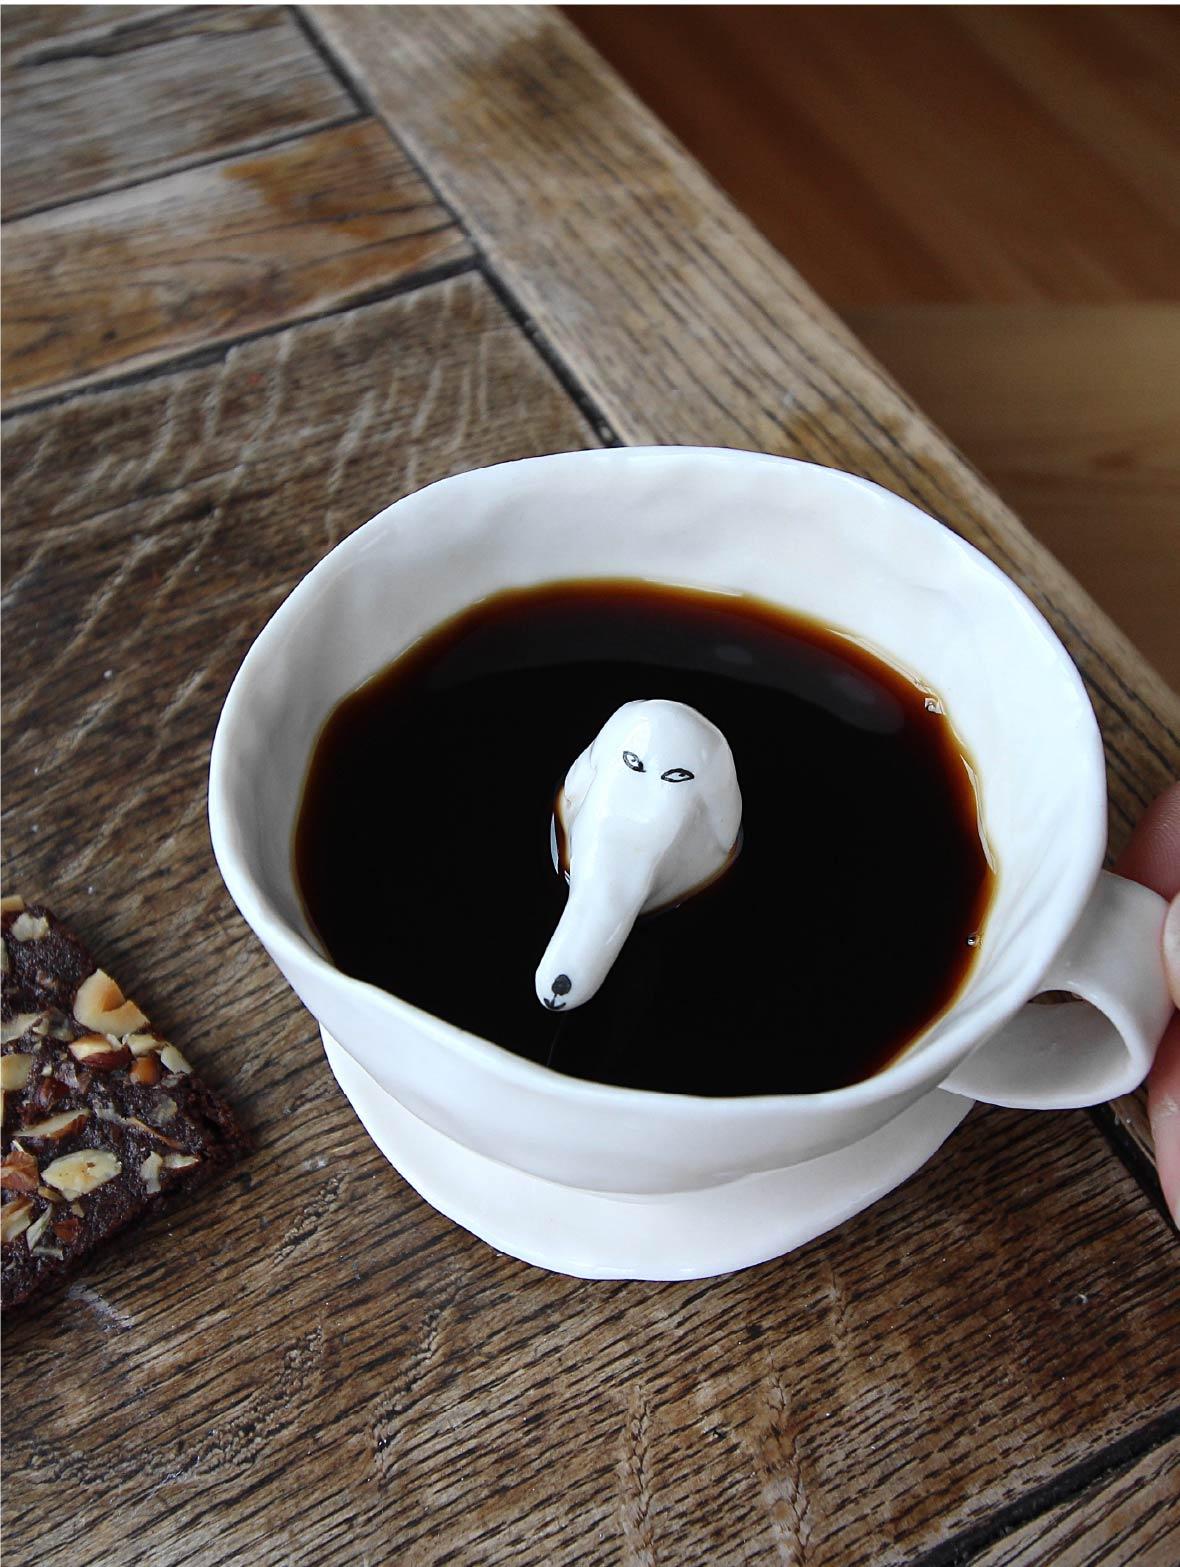 【TK】しあわせのコーヒーカップ(白みみ・ぱっちり)